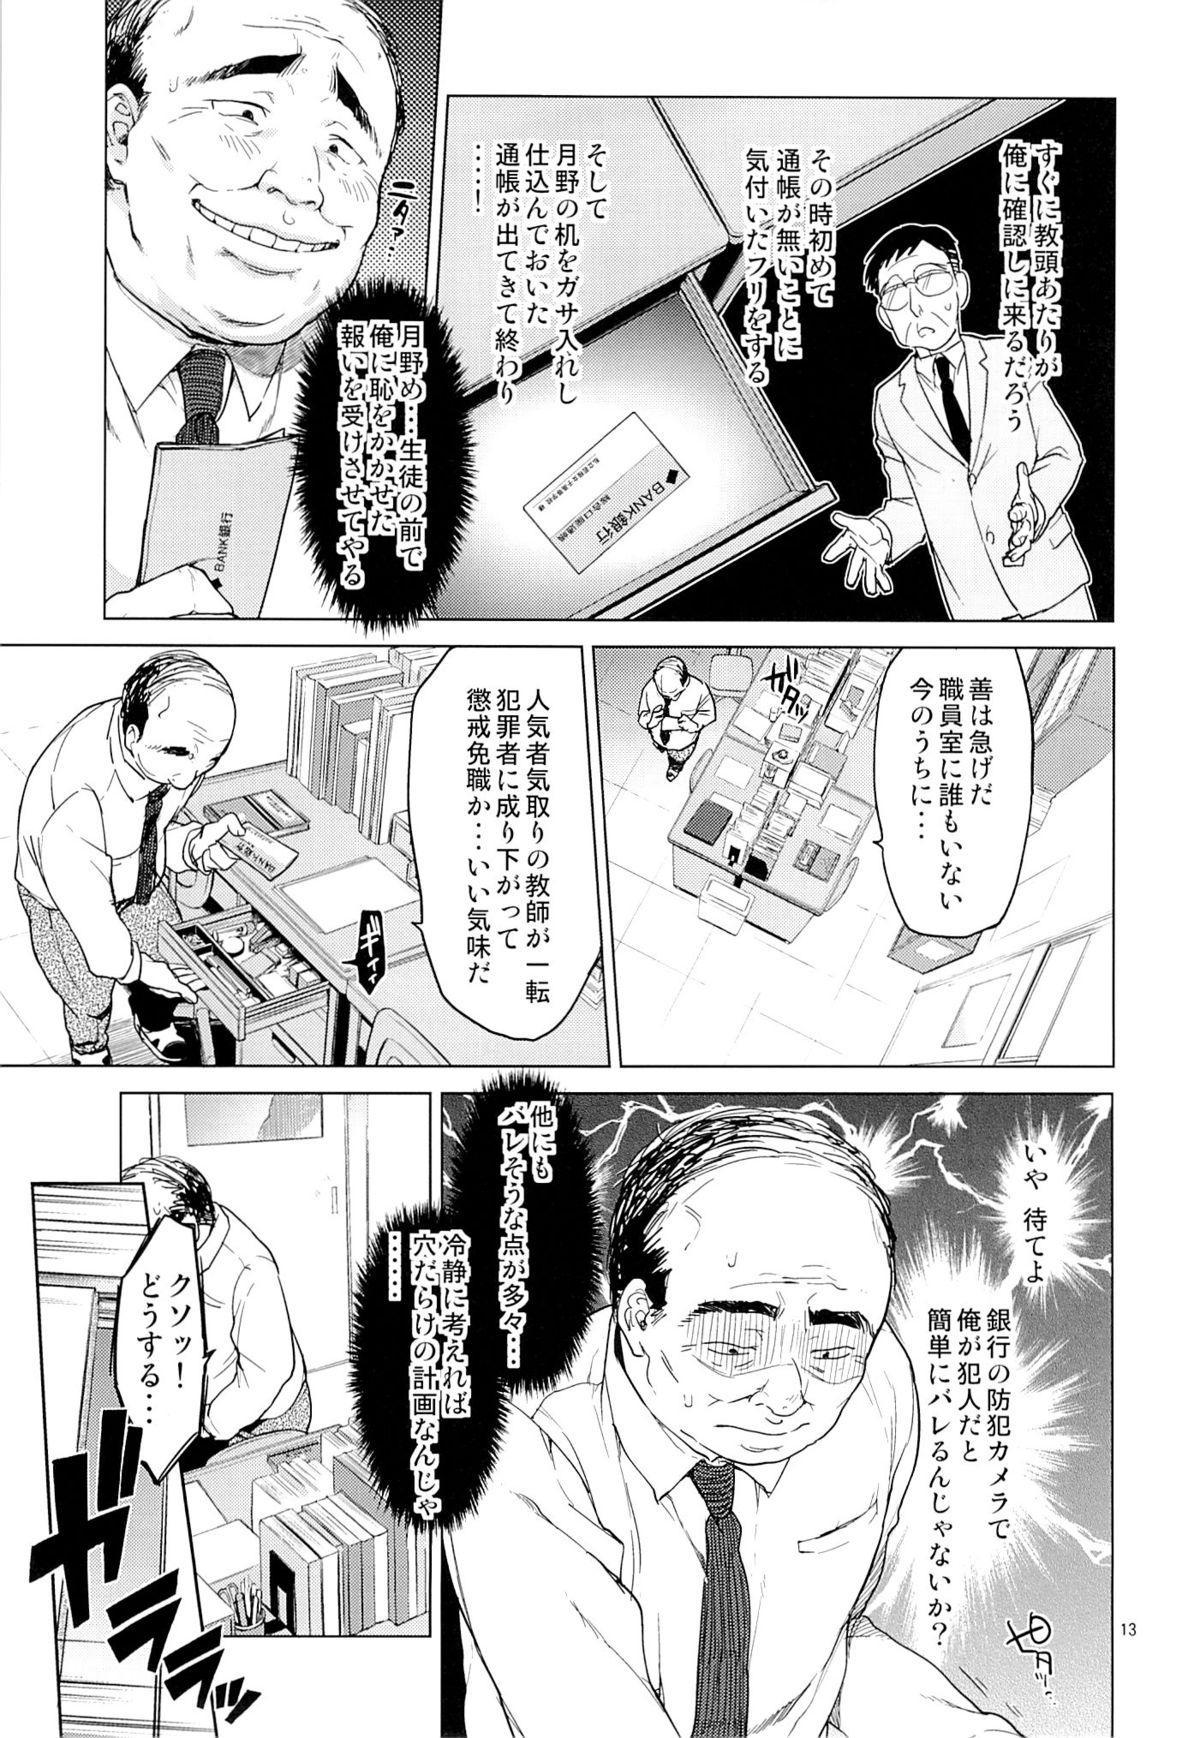 Chizuru-chan Kaihatsu Nikki 11